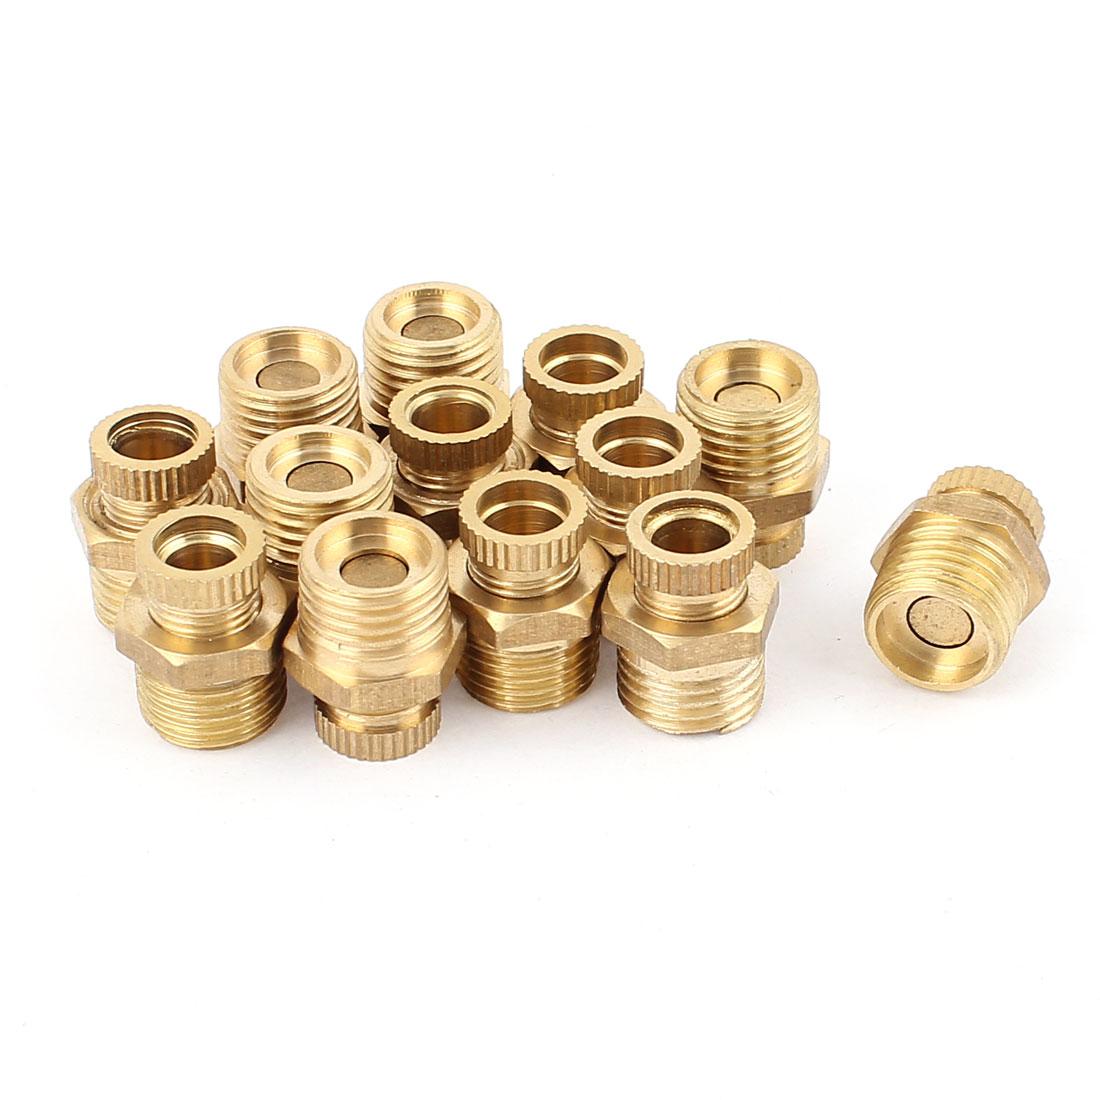 Air Compressor 13mm 1/4BSP Male Thread Metal Water Drain Valve Gold Tone